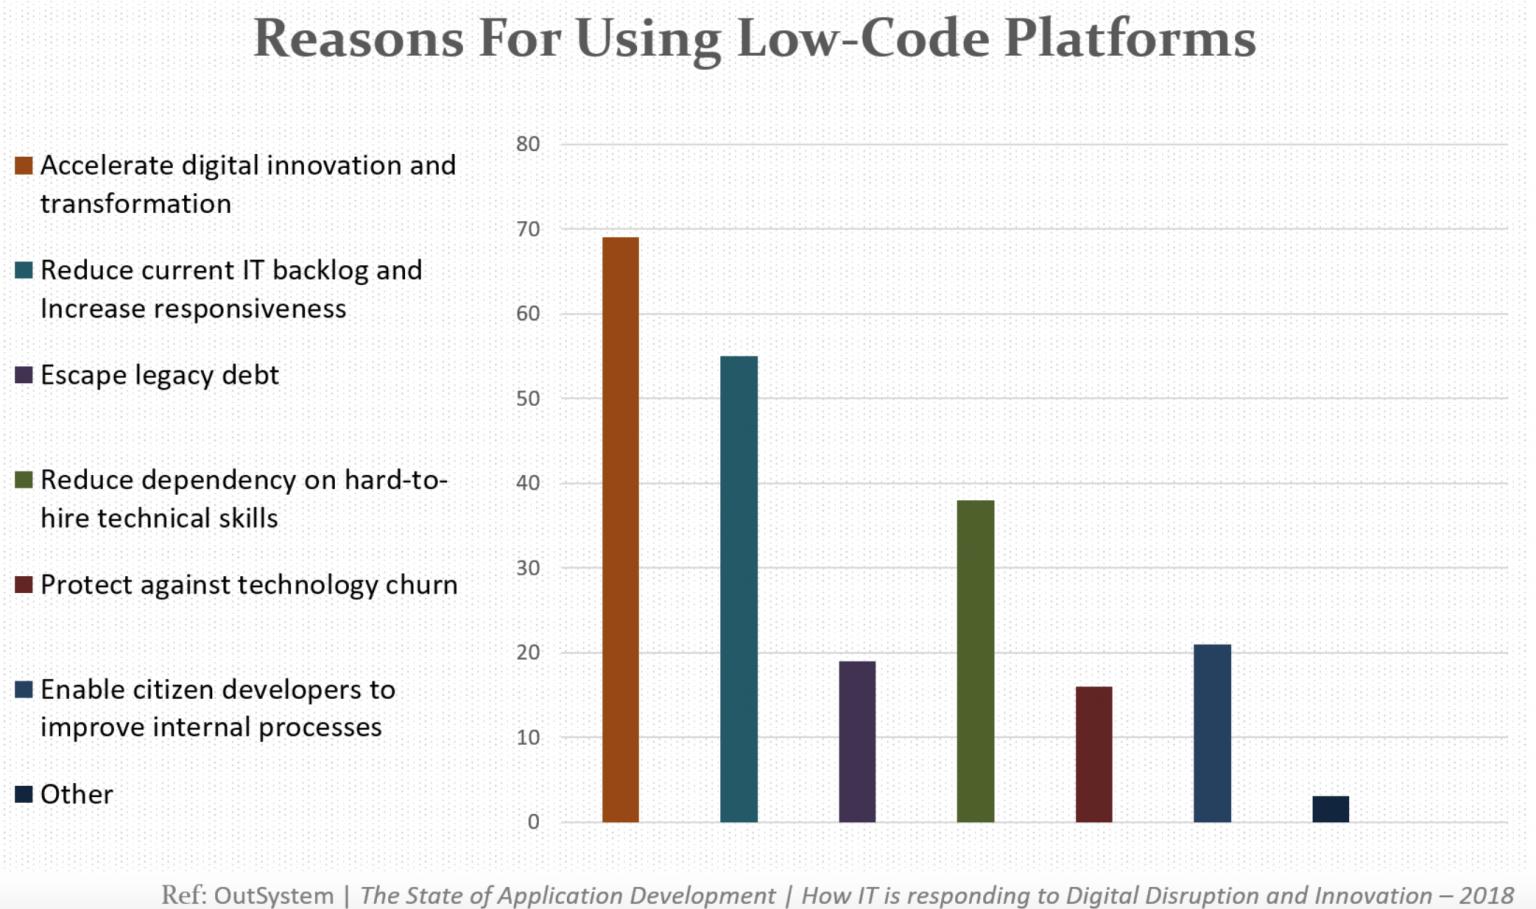 使用低代码平台的原因